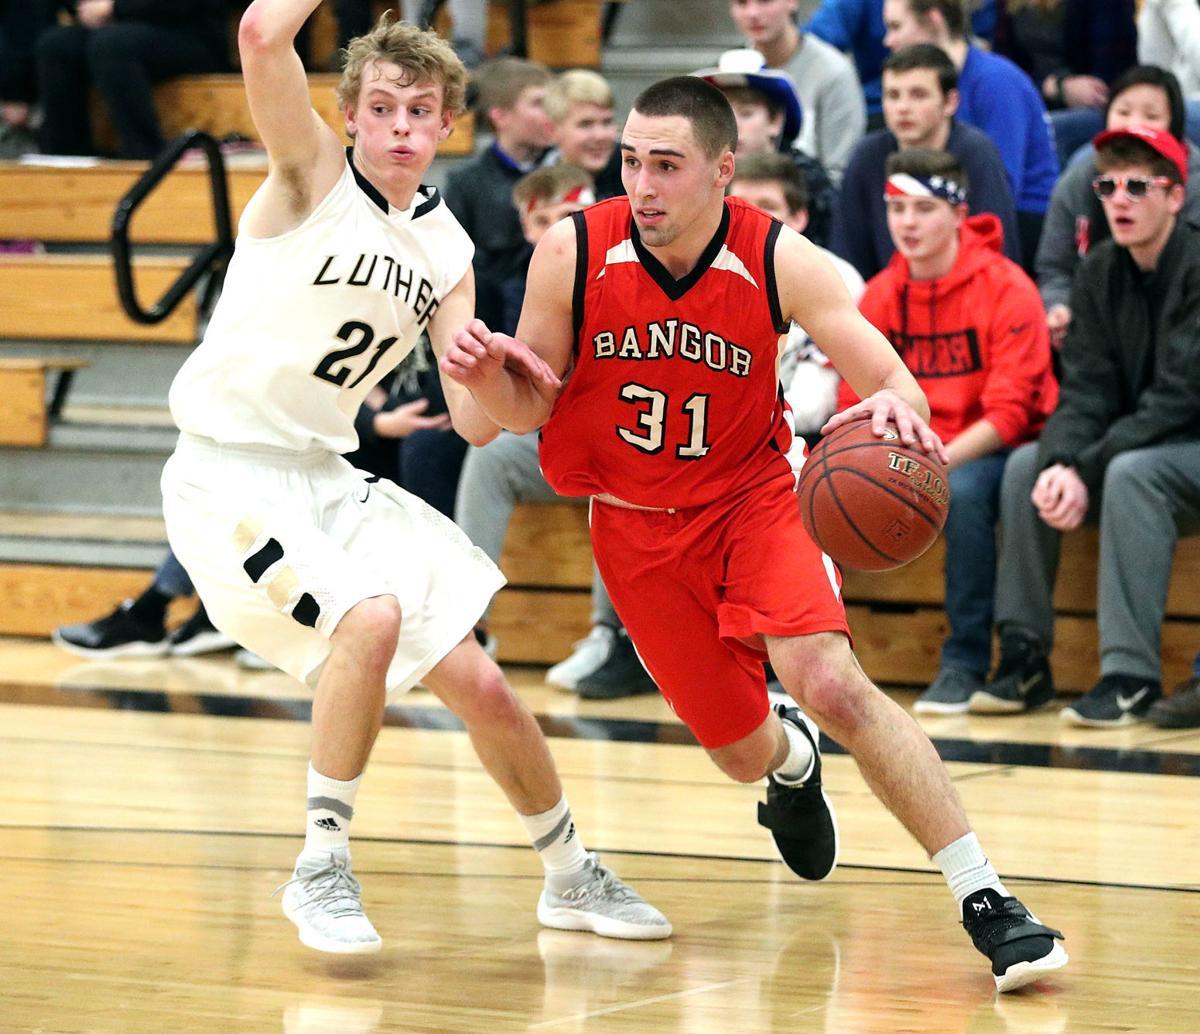 Bangor Luther basketball